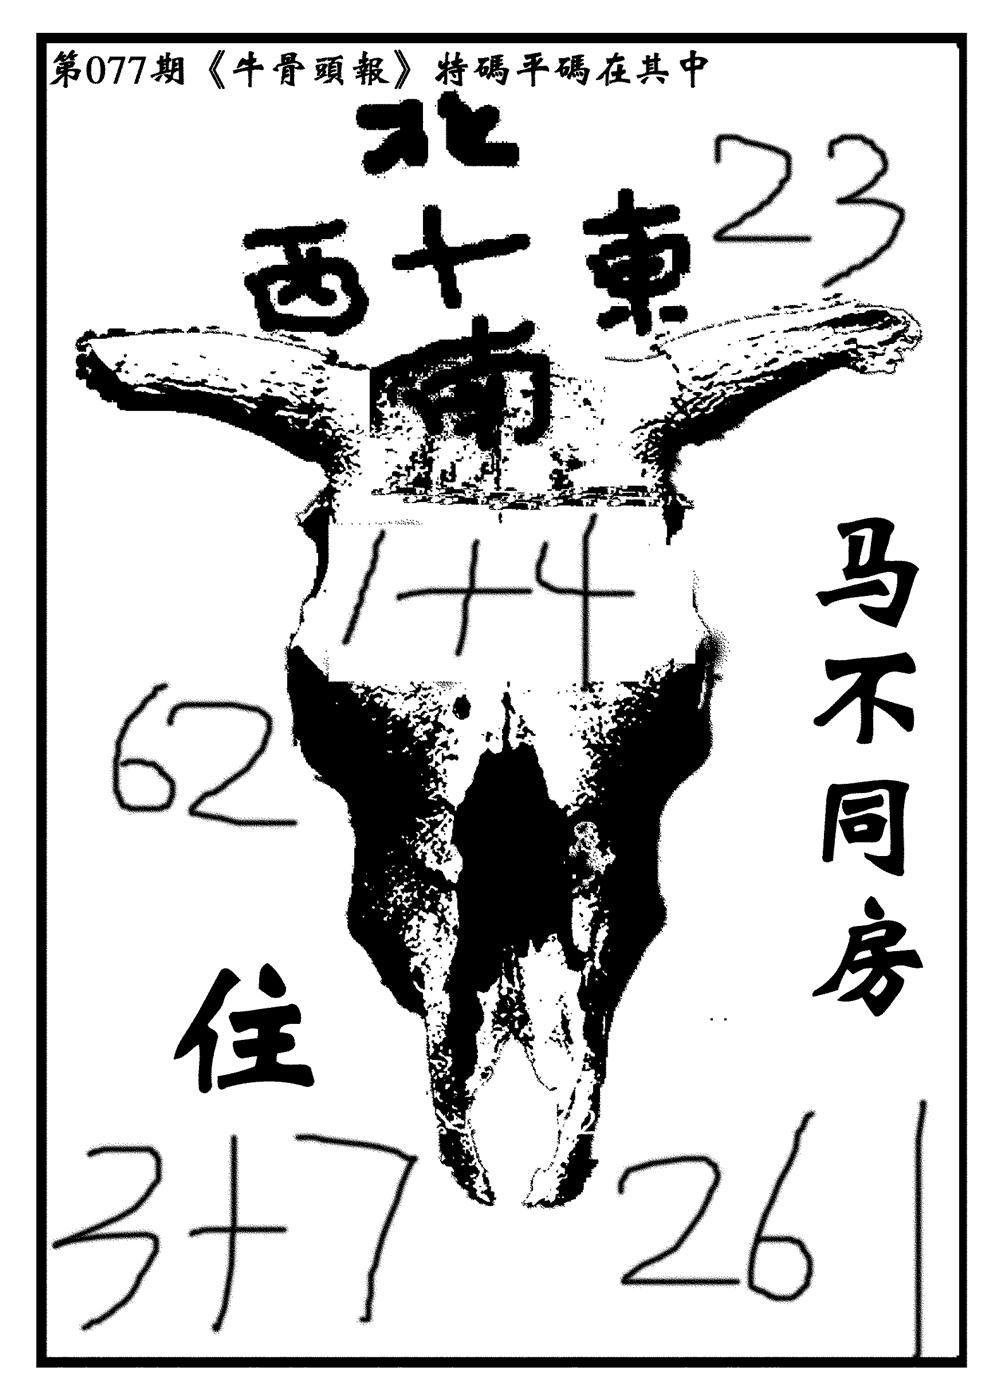 077期牛头报(黑白)